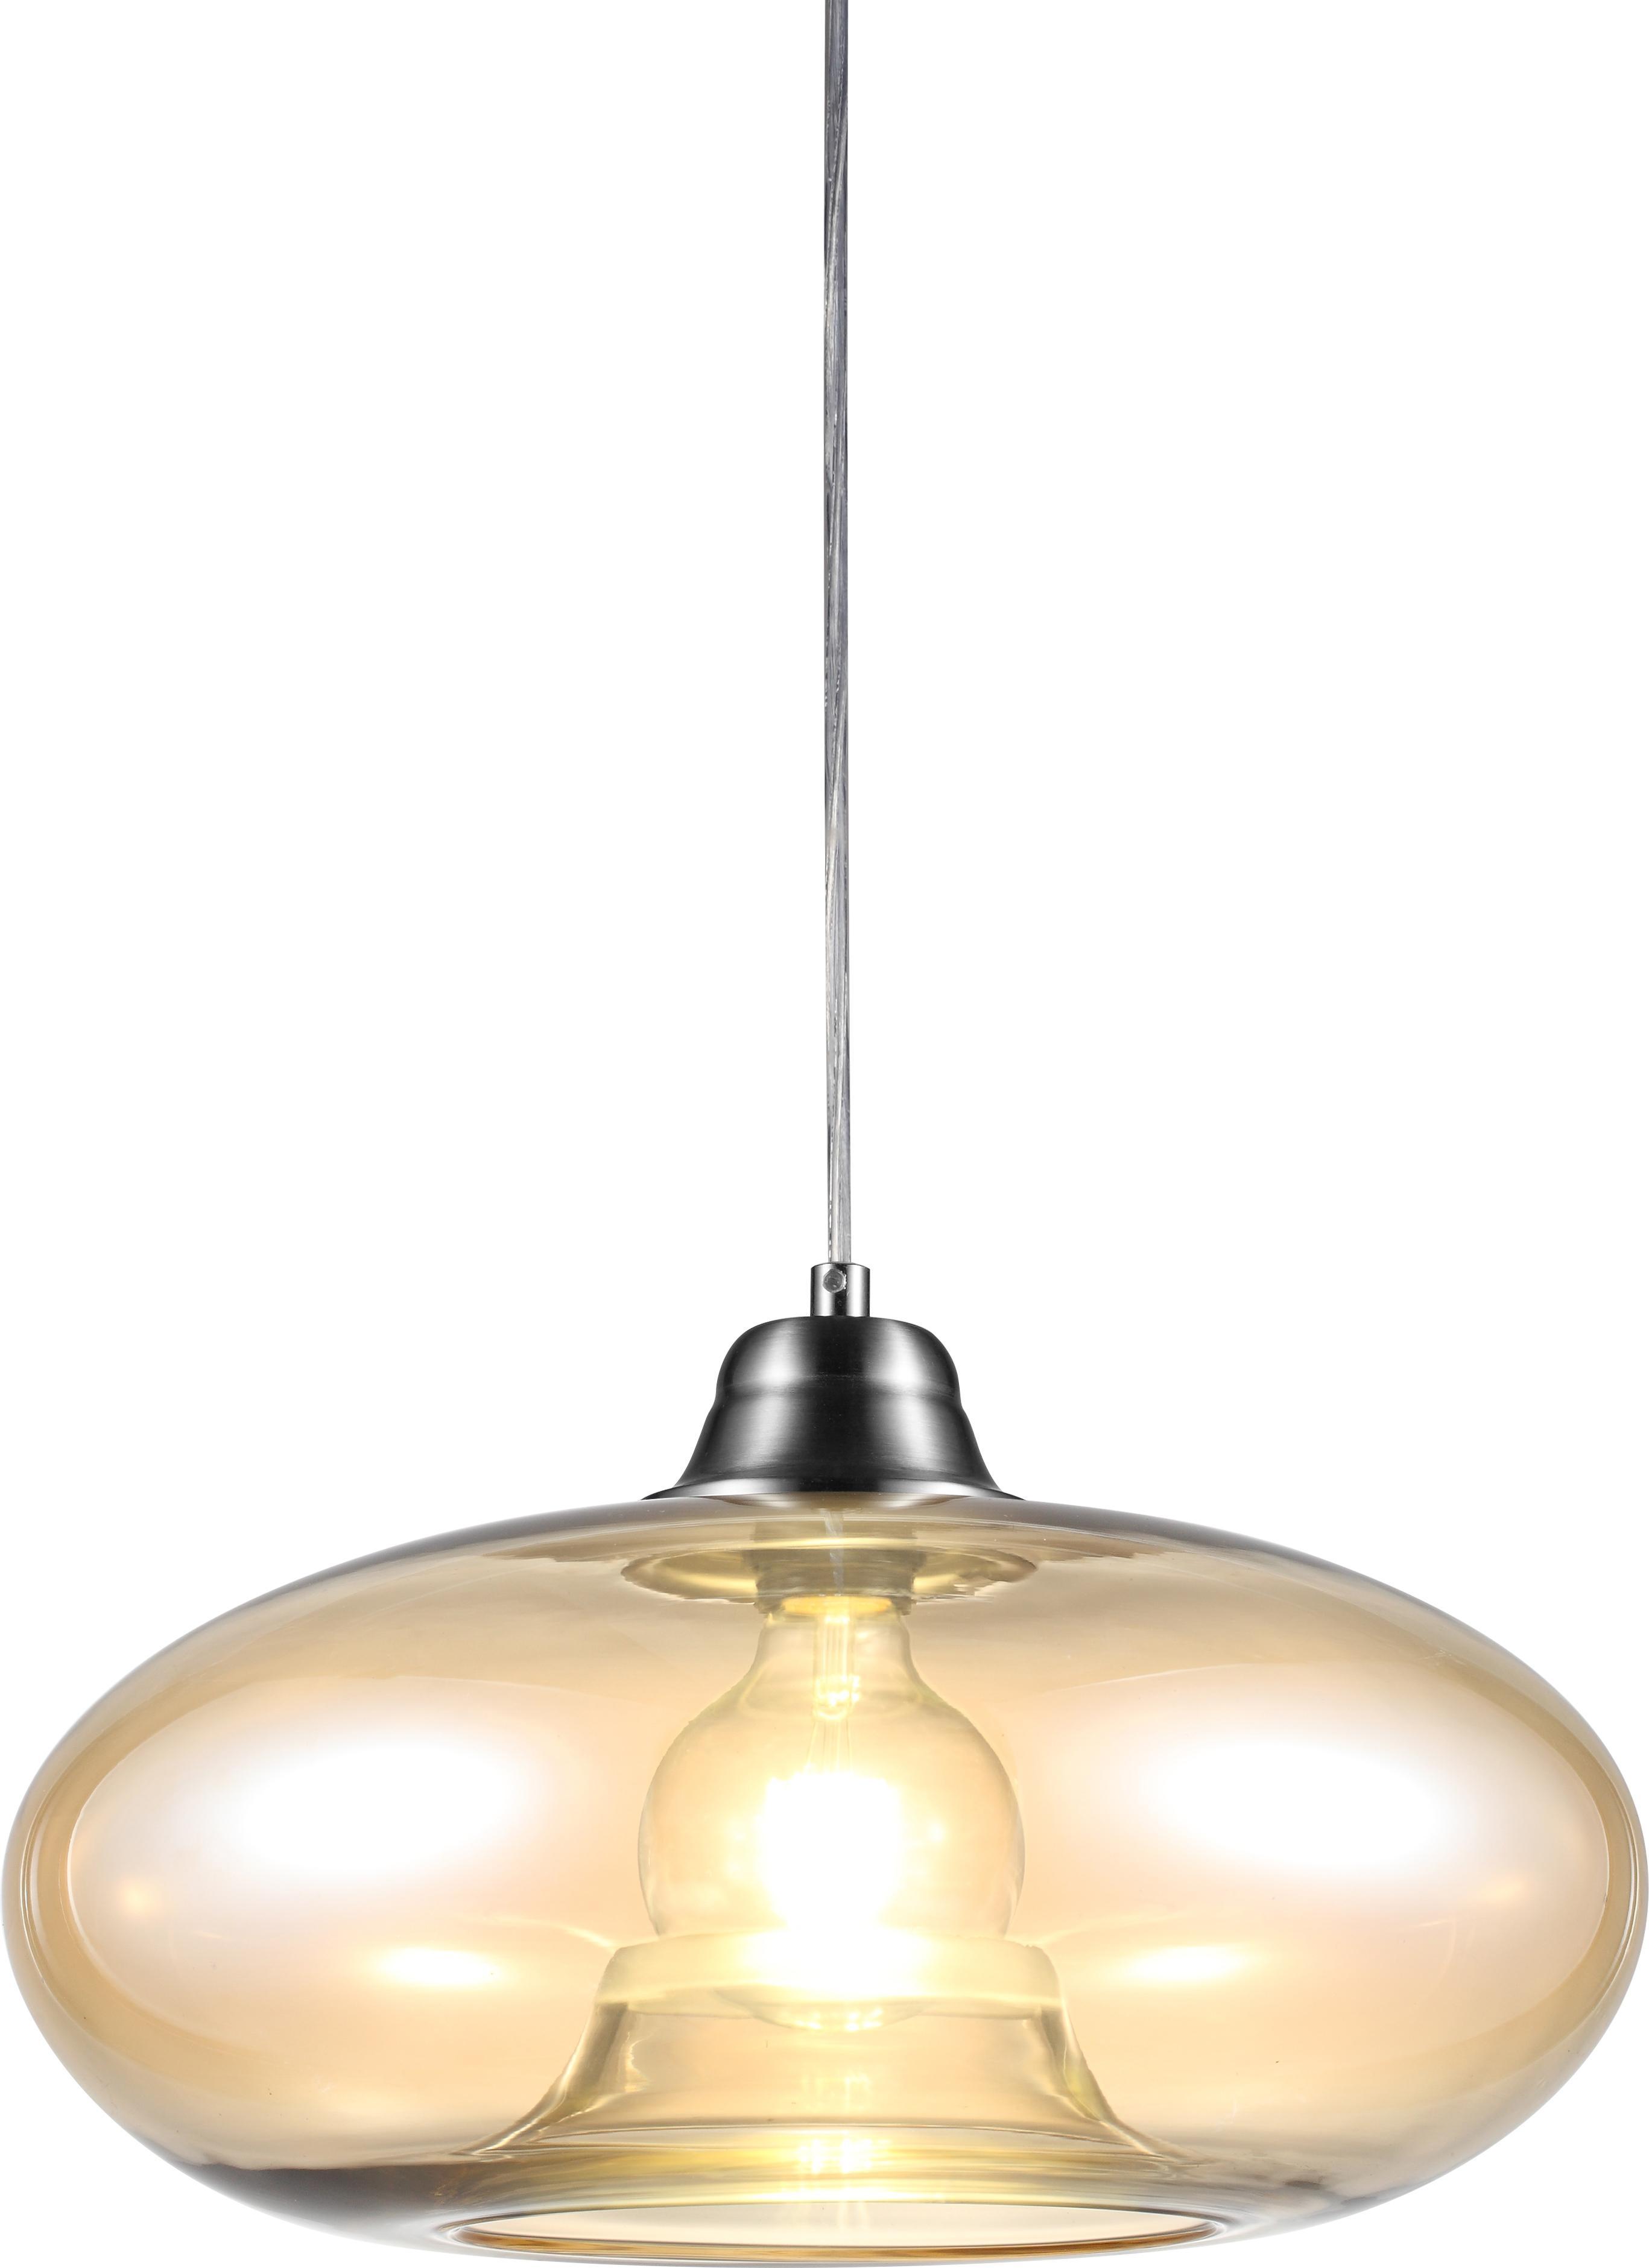 Nino Leuchten LED Pendelleuchte LILLE, E27, Warmweiß, LED Hängelampe, LED Hängeleuchte